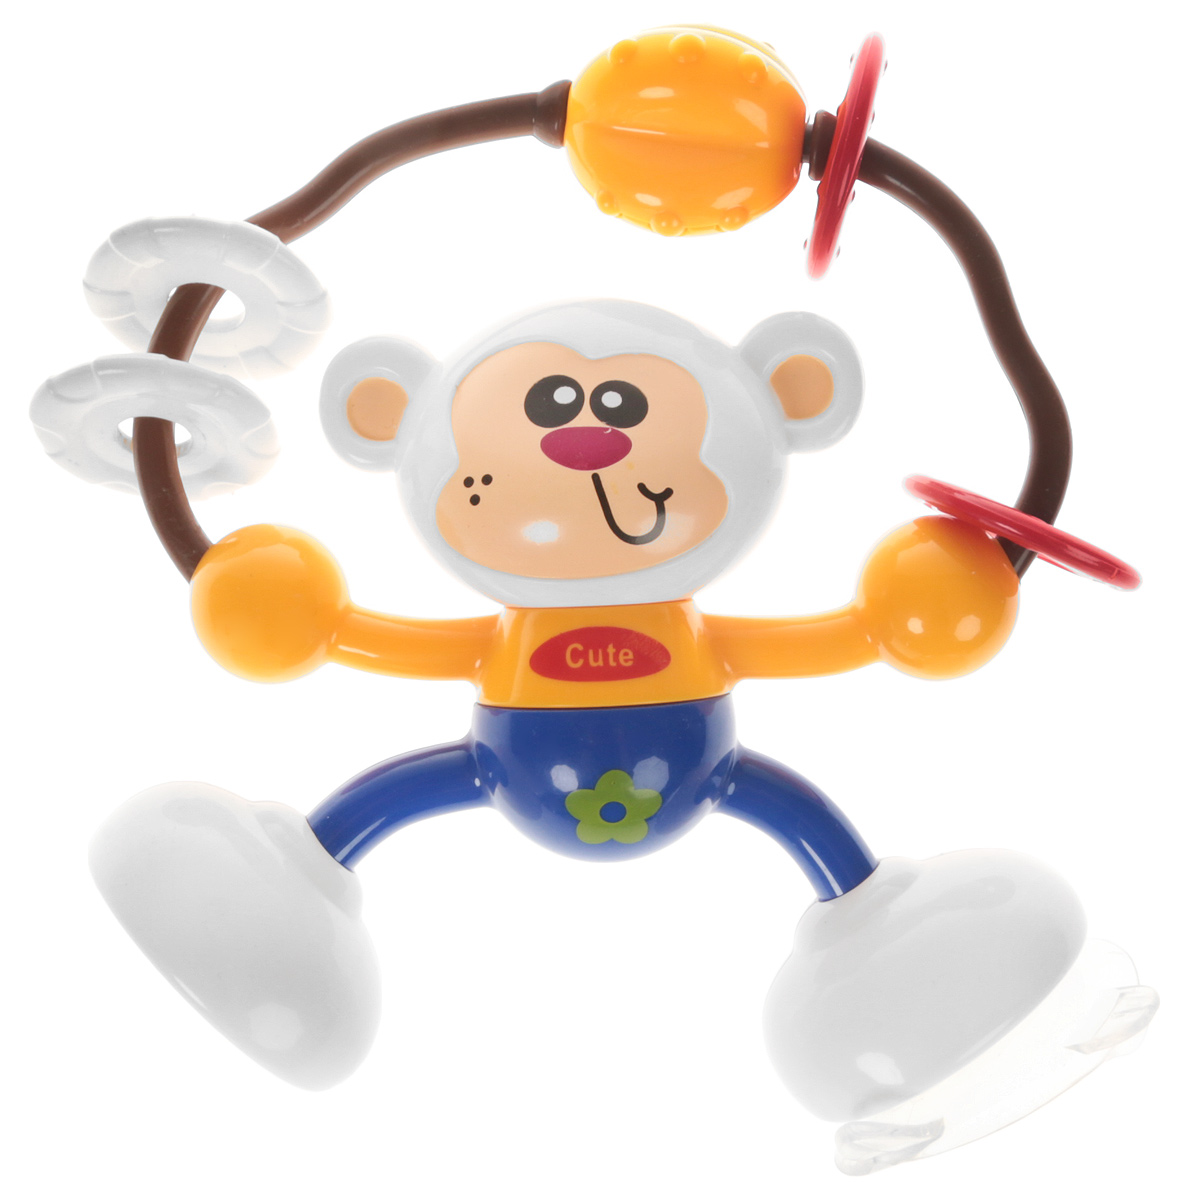 Ути-Пути Развивающая игрушка Обезьянка цвет оранжевый синий ю каталог ути пути